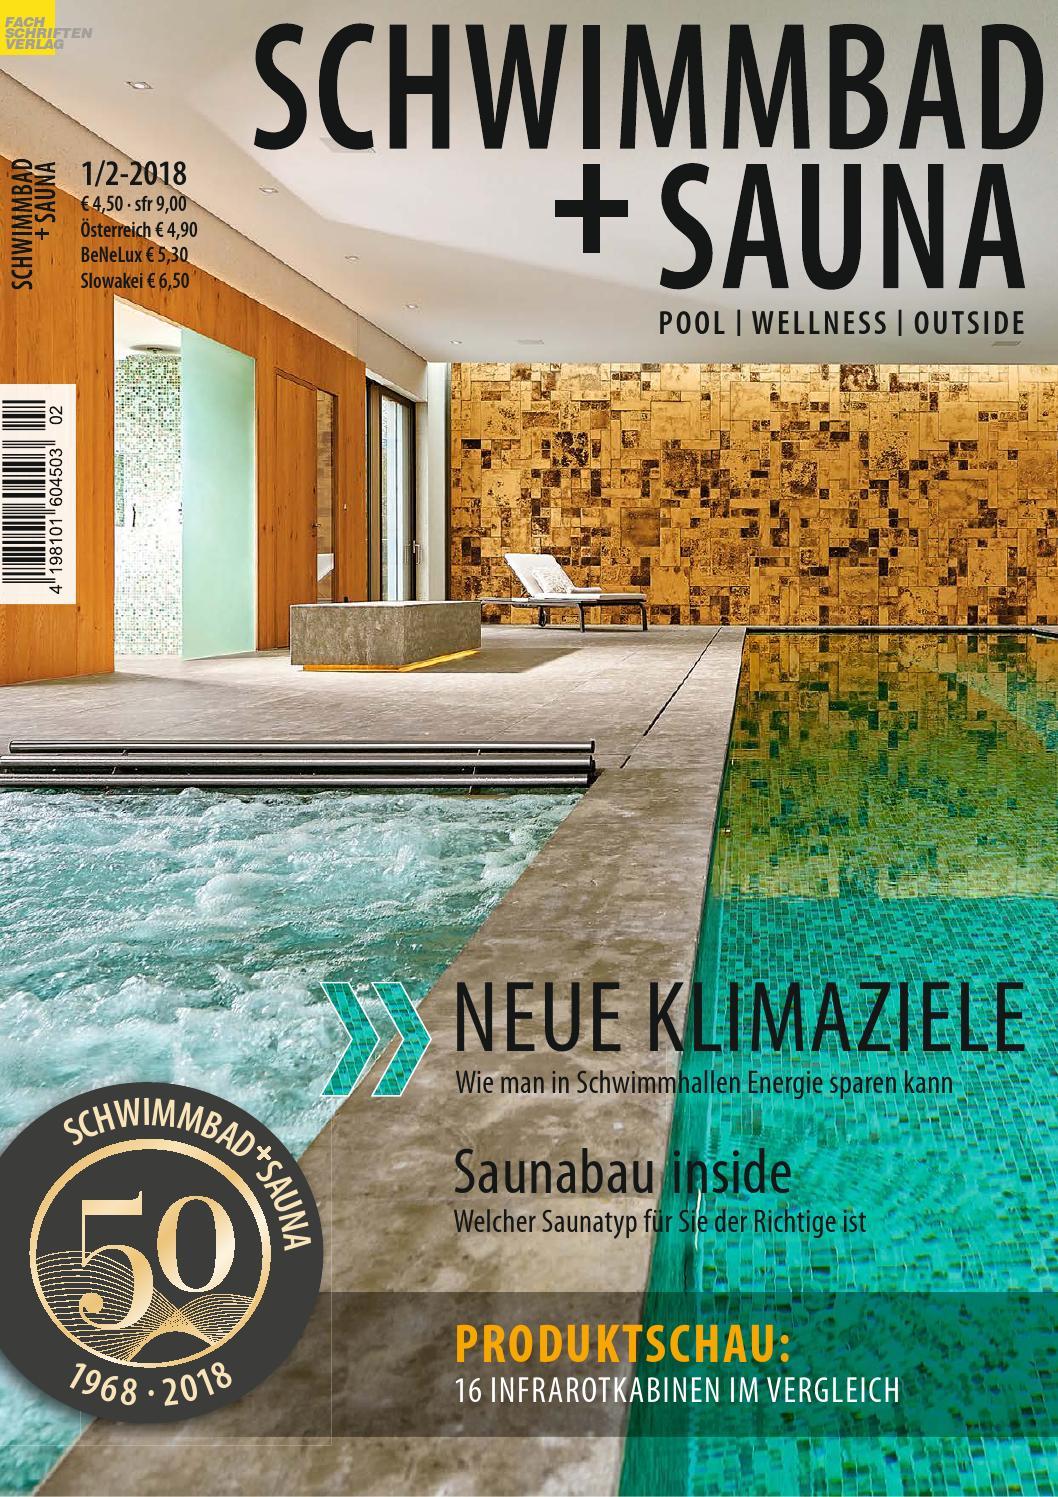 Schwimmbad+Sauna 1/2-2018 by Fachschriften Verlag - issuu